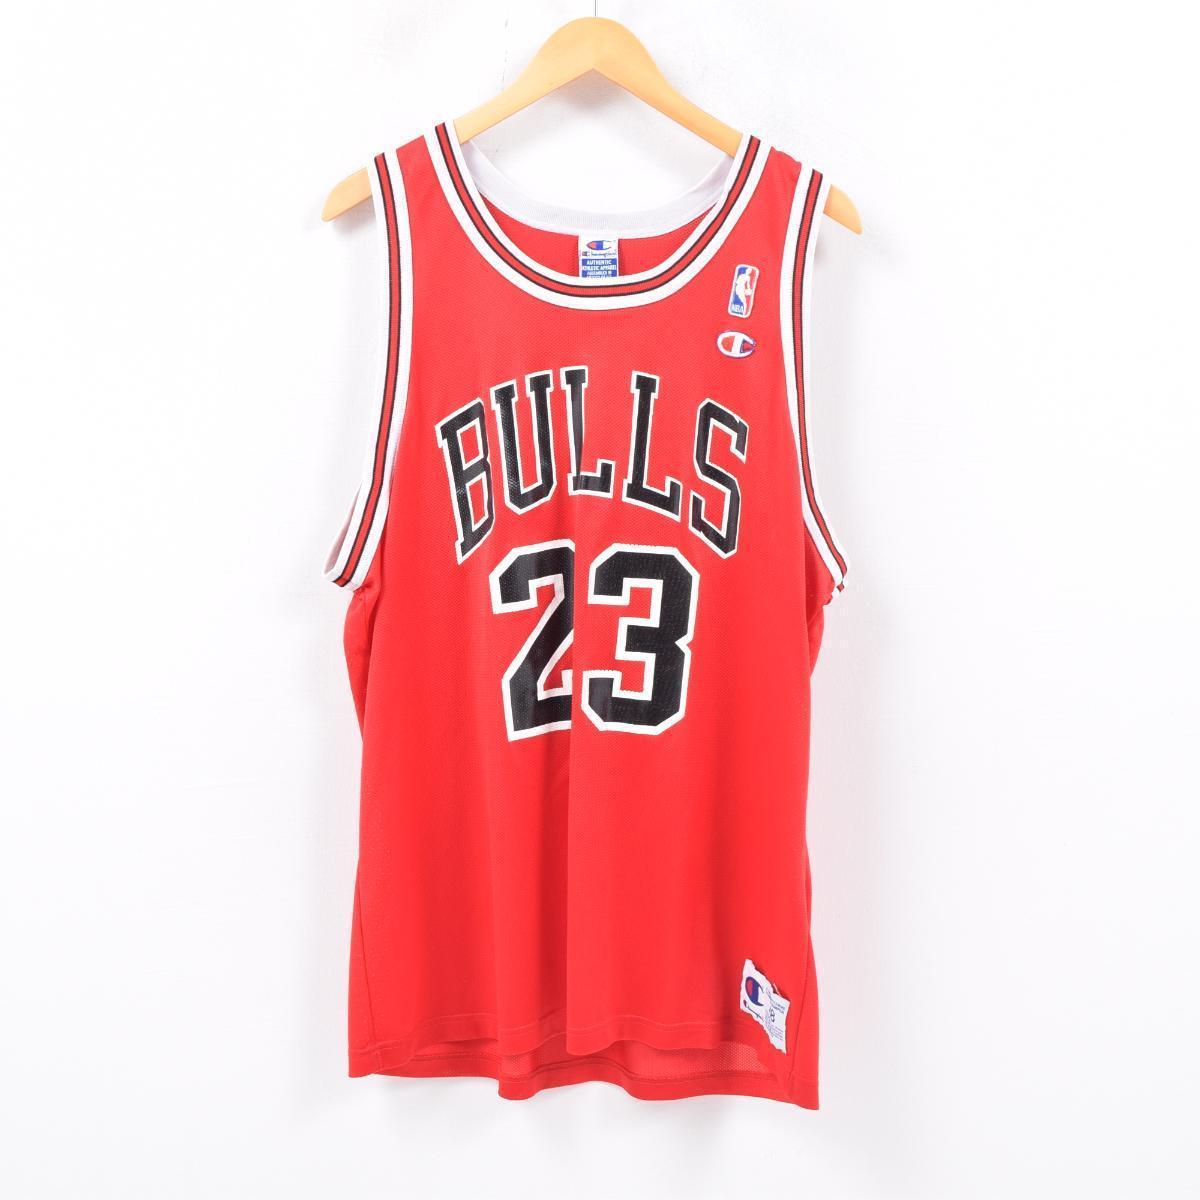 outlet store 37e12 2aef0 90s champion Champion MICHAEL JORDAN Michael Jordan game shirt replica  uniform 48 men's XXL /wbd2620